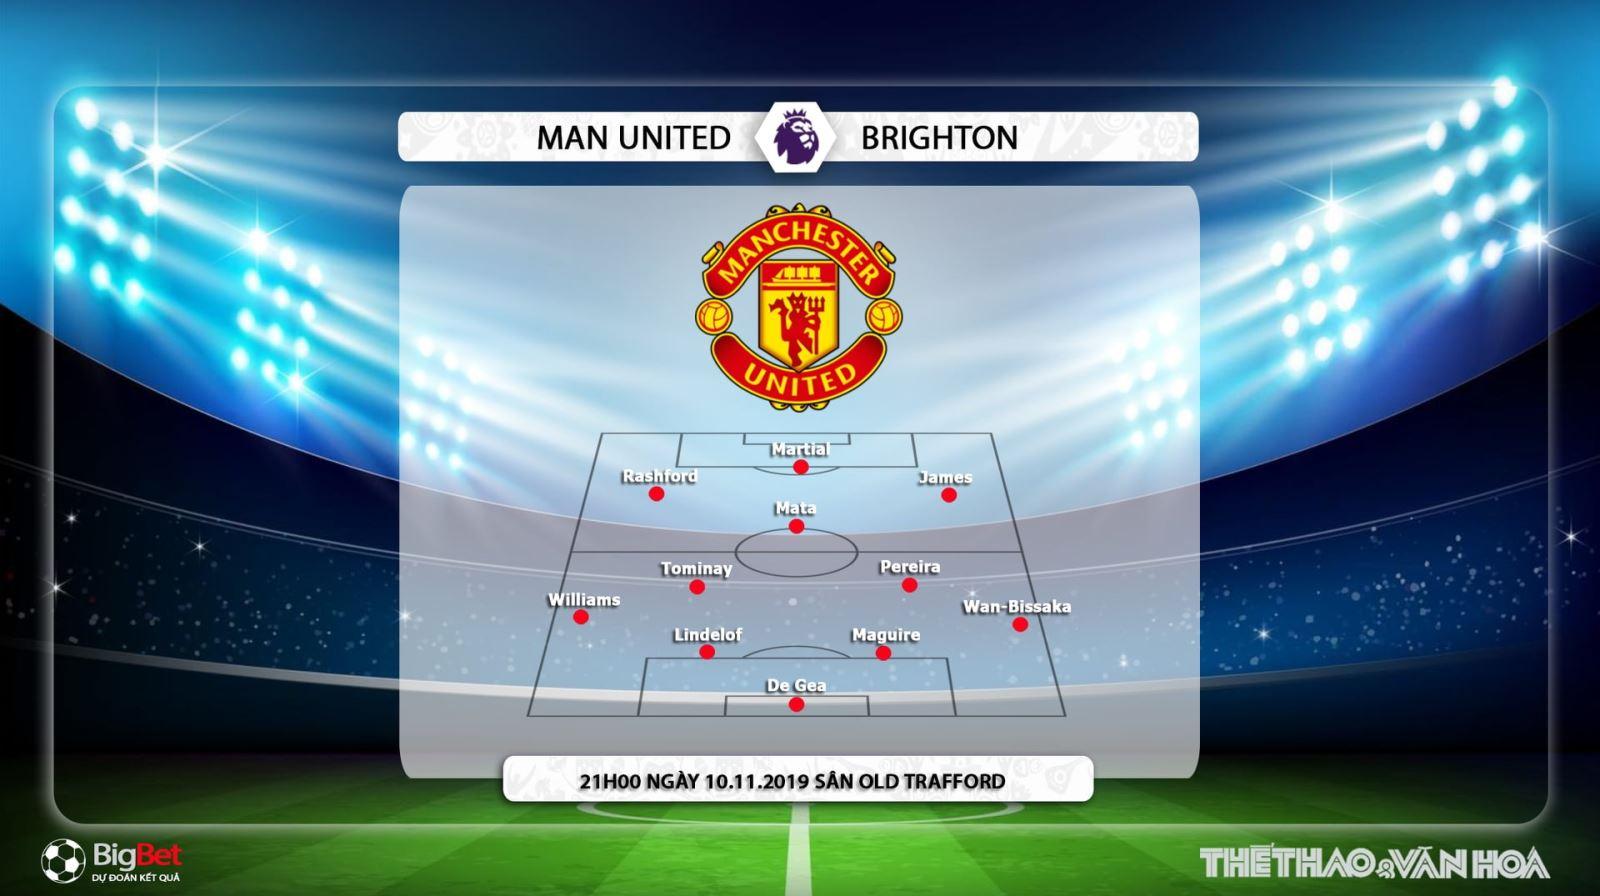 Kèo LMU đấu với Brighton, truc tiep bong da hom nay, MU vs Brighton, bóng đá trực tiếp, K+, K+PM, K+PC, K+1, xem bóng đá trực tuyến, Ngoại hạng Anh, BXH ngoại hạng Anh